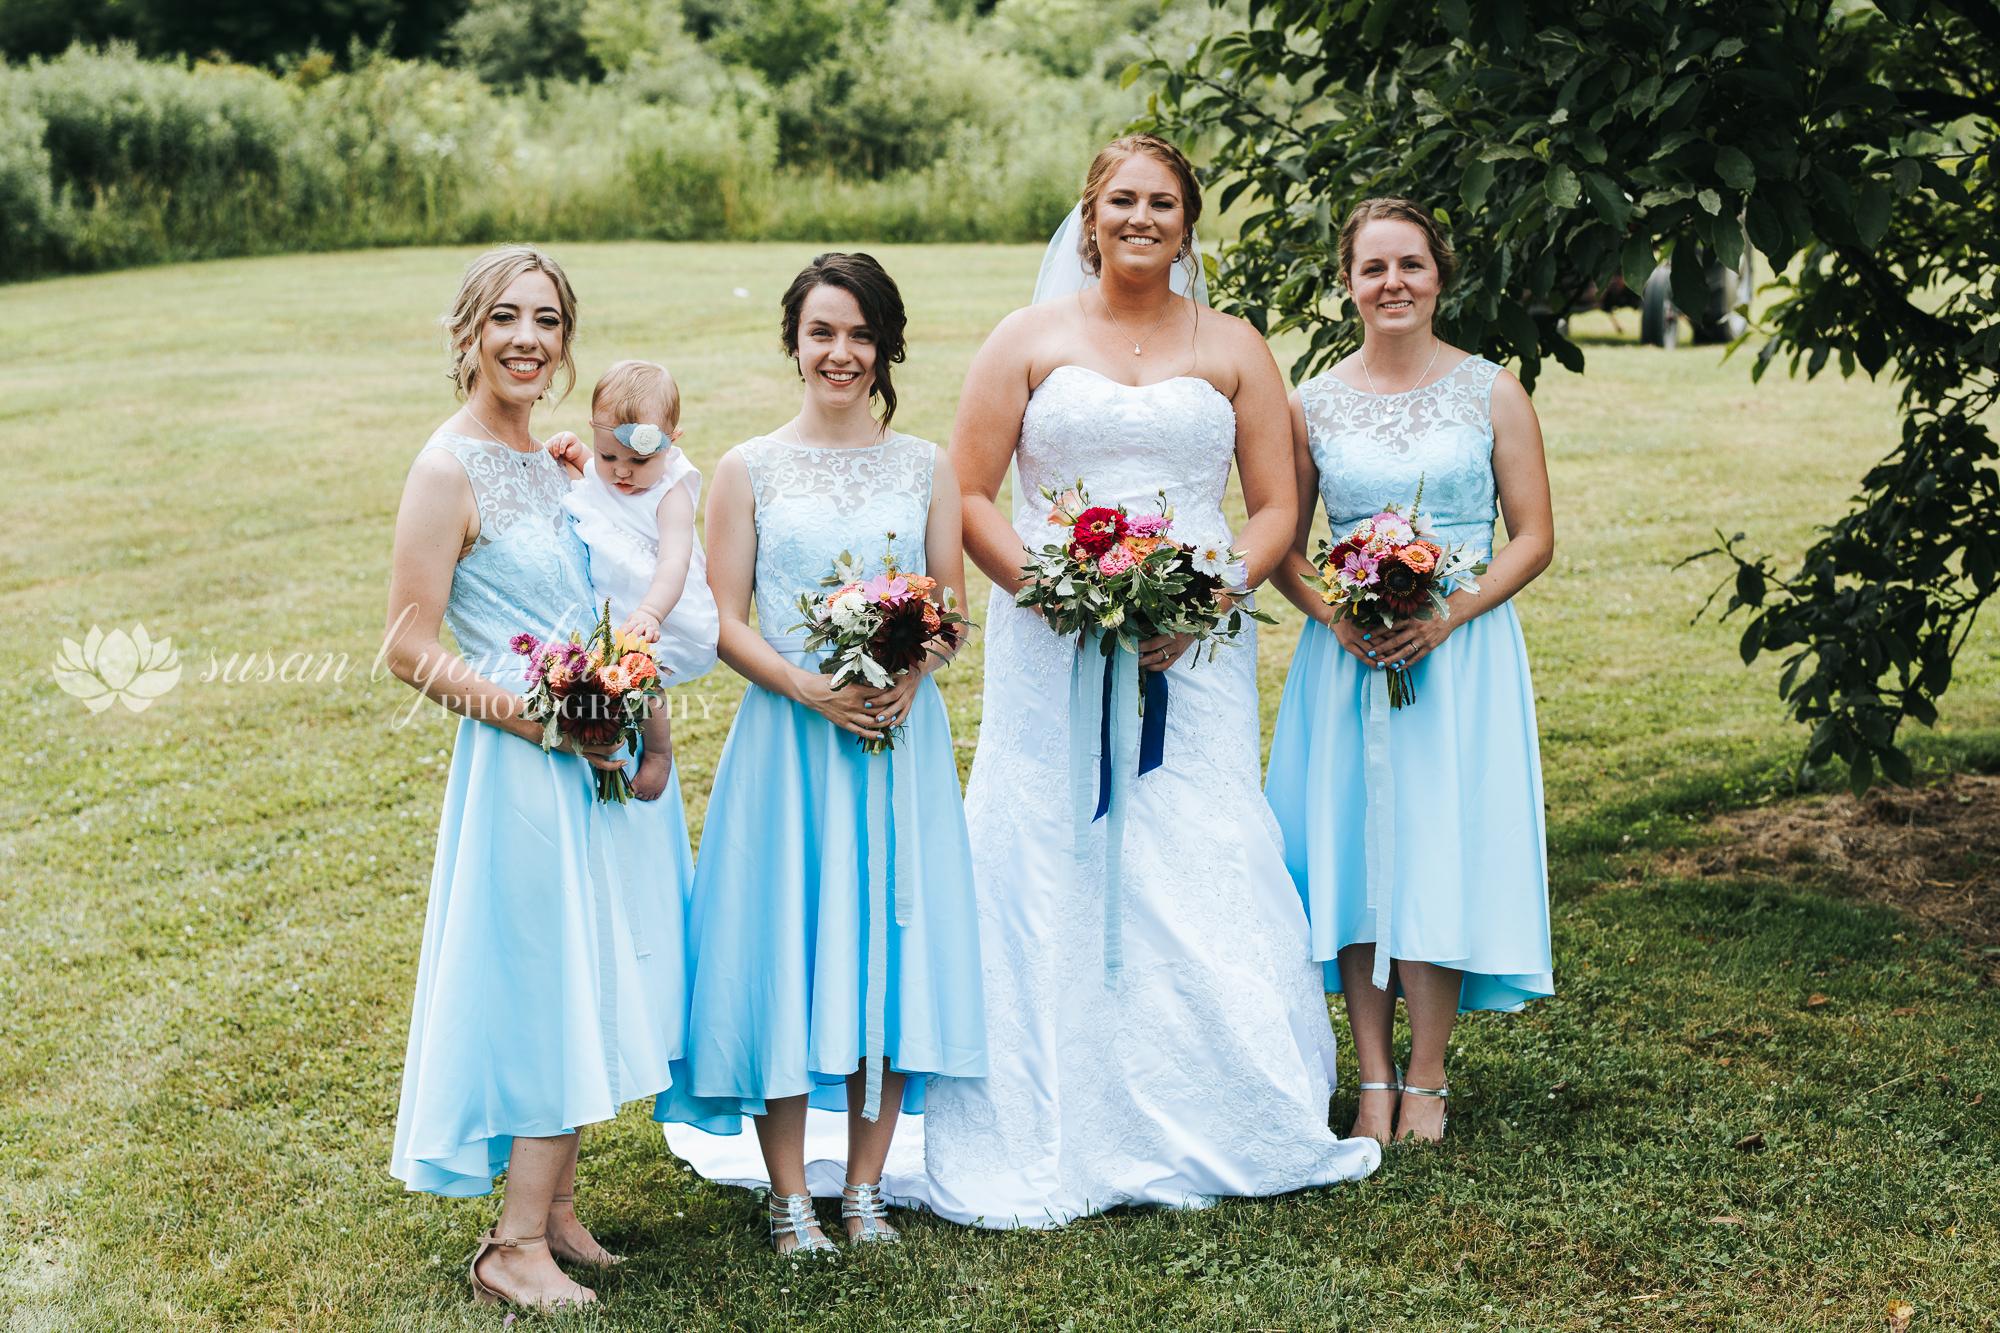 Erin and Jason Wedding Photos 07-06-2019 SLY Photography-52.jpg